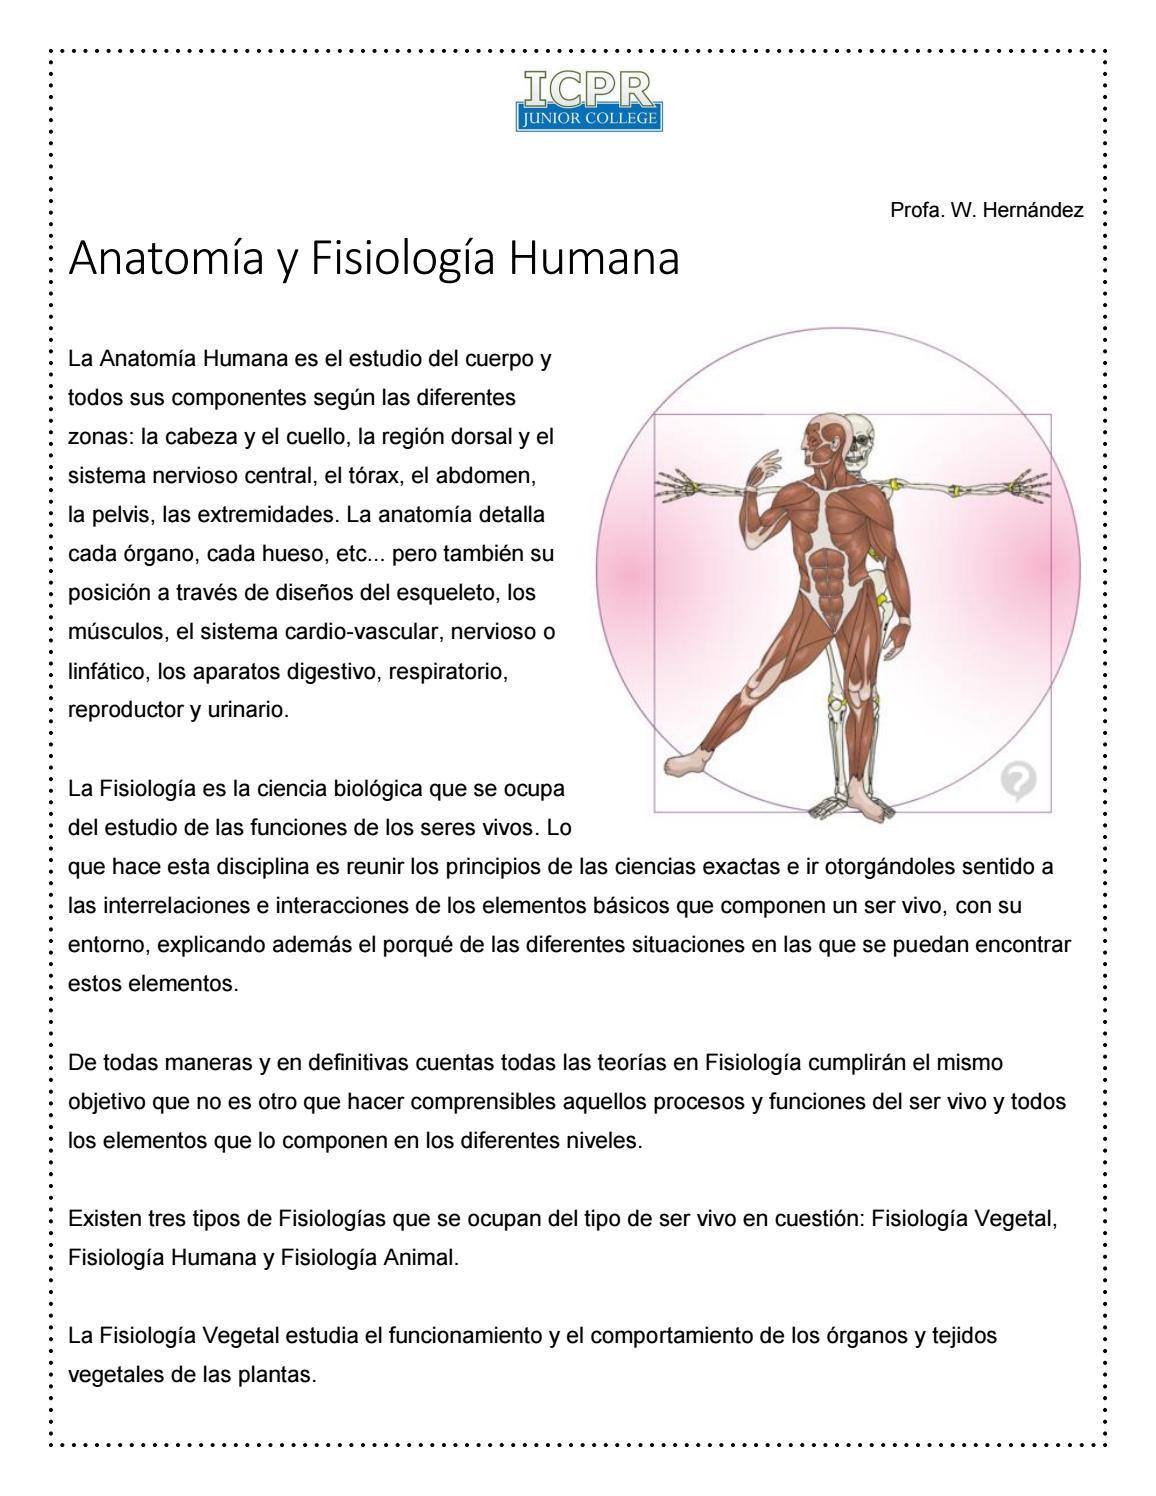 Conceptos anatomía y fisiología humana by Wilmaris Hernández - issuu